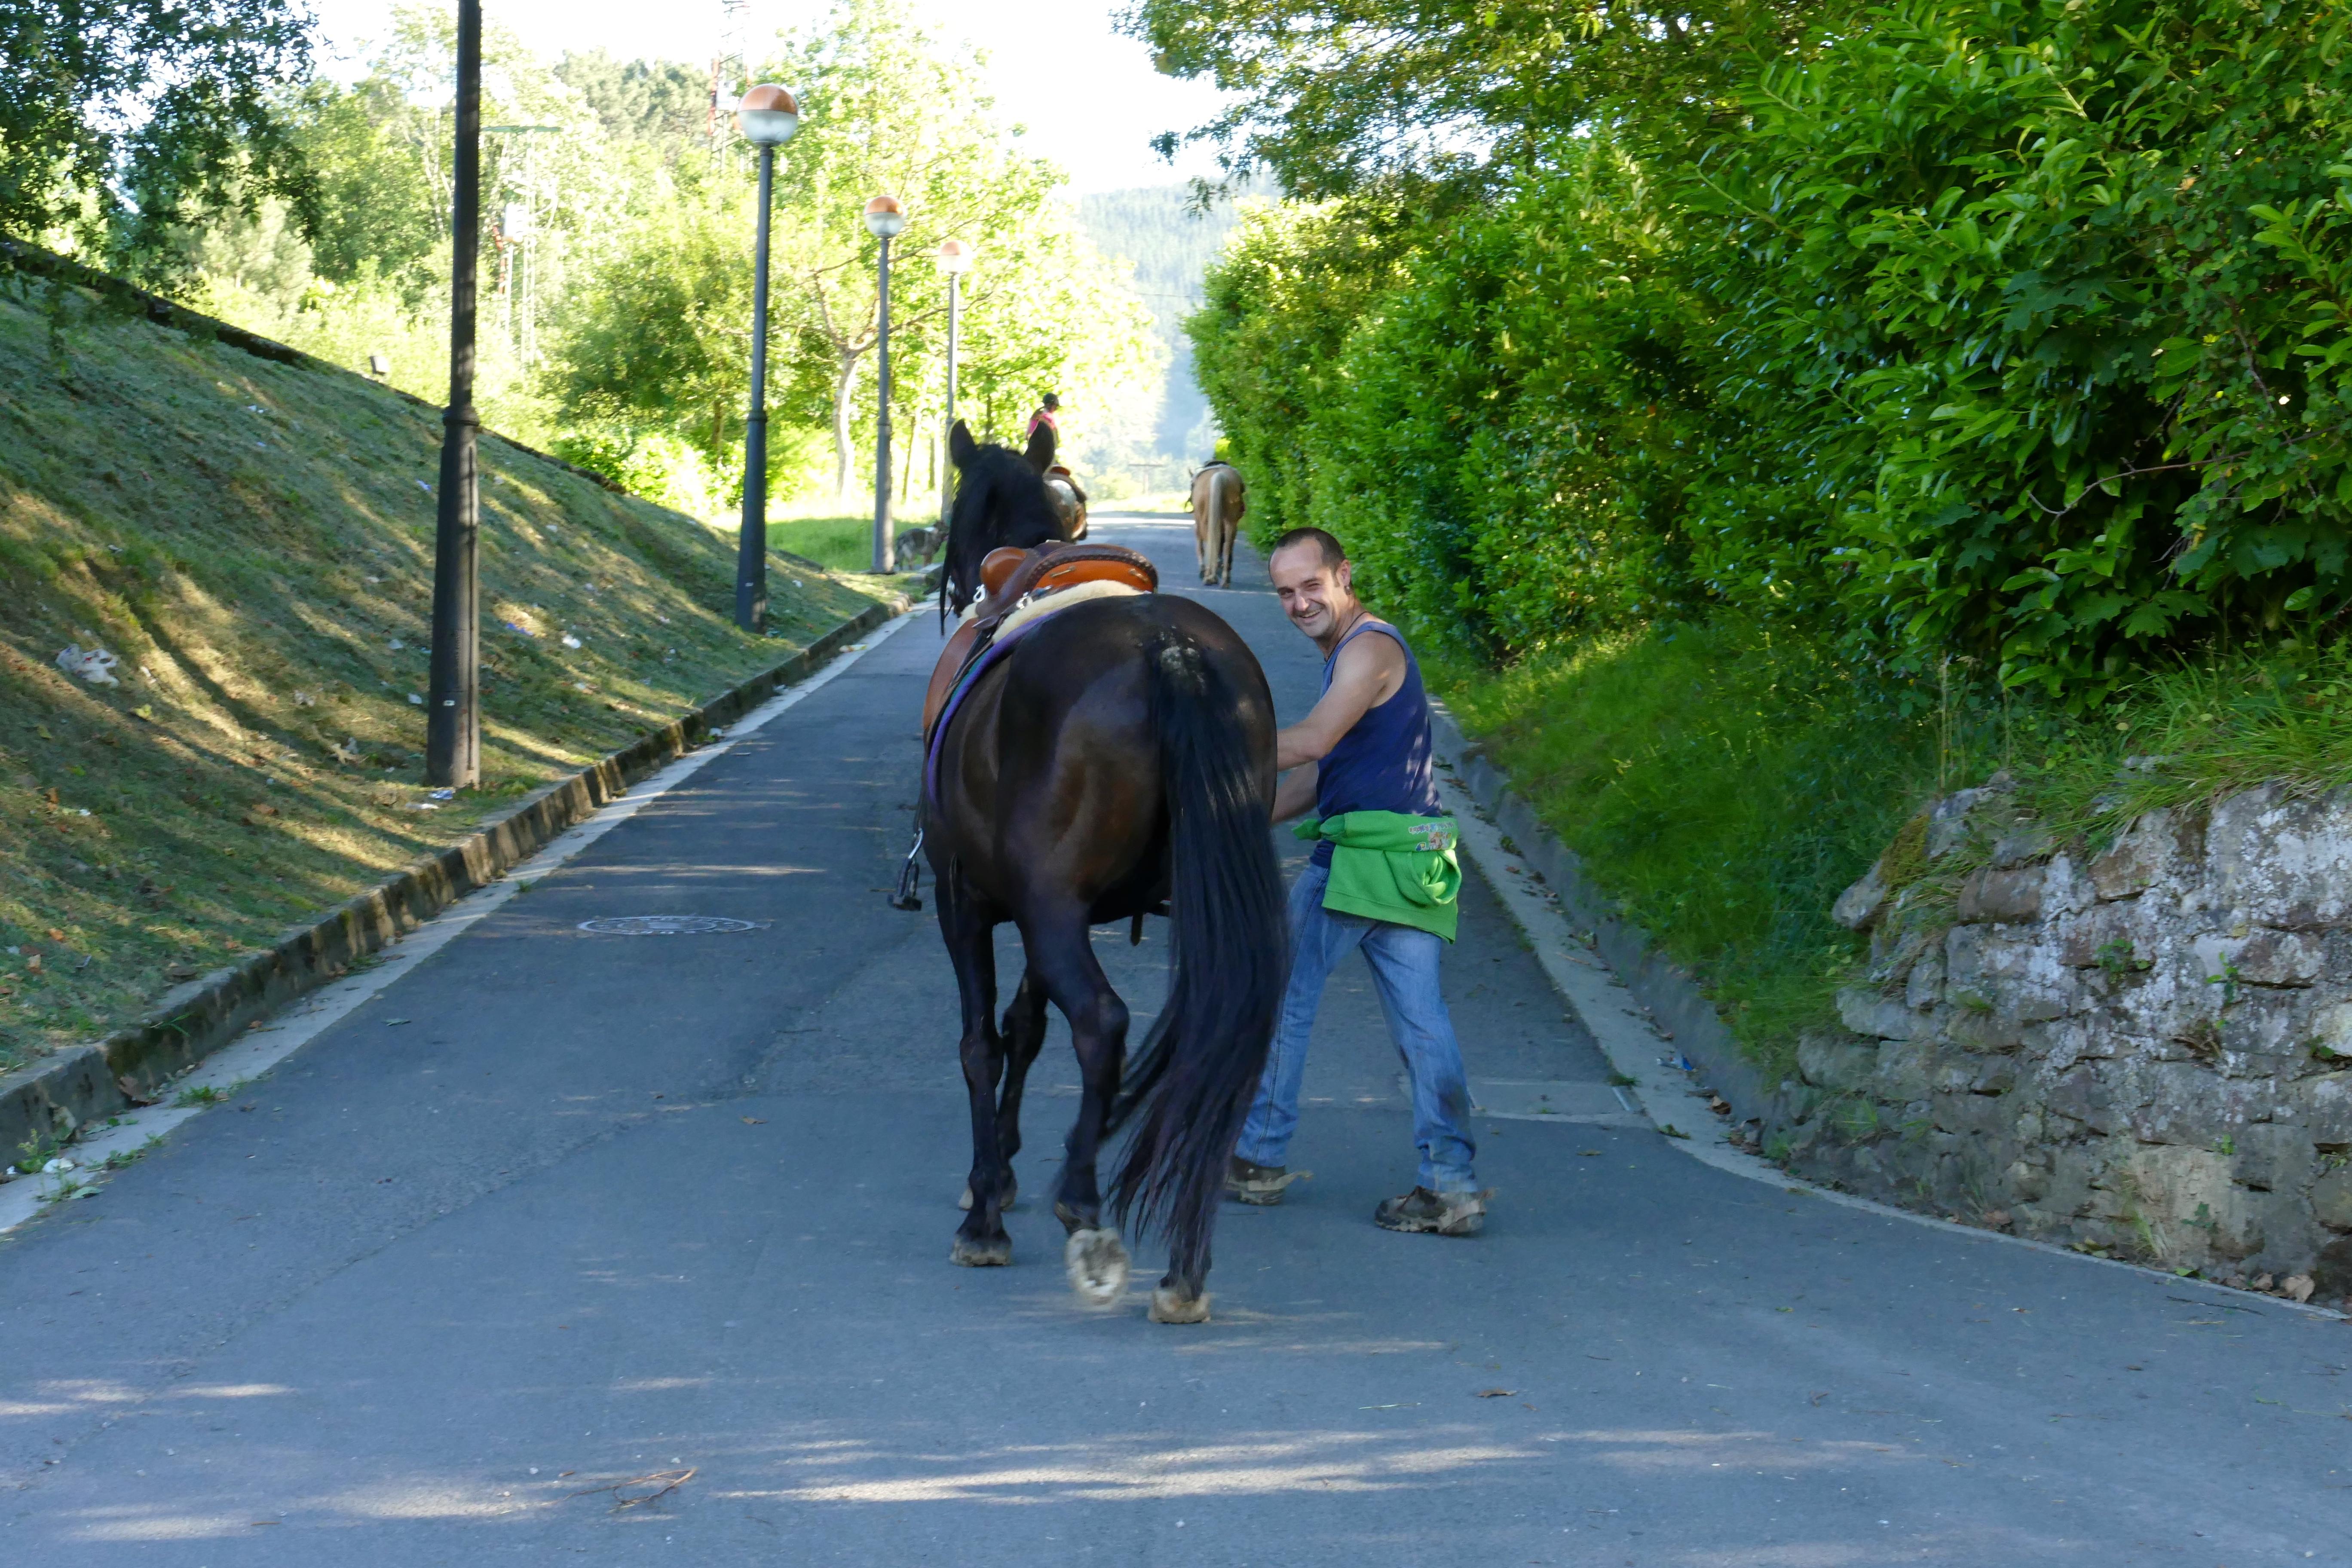 Équitation. Hamaika Izpi